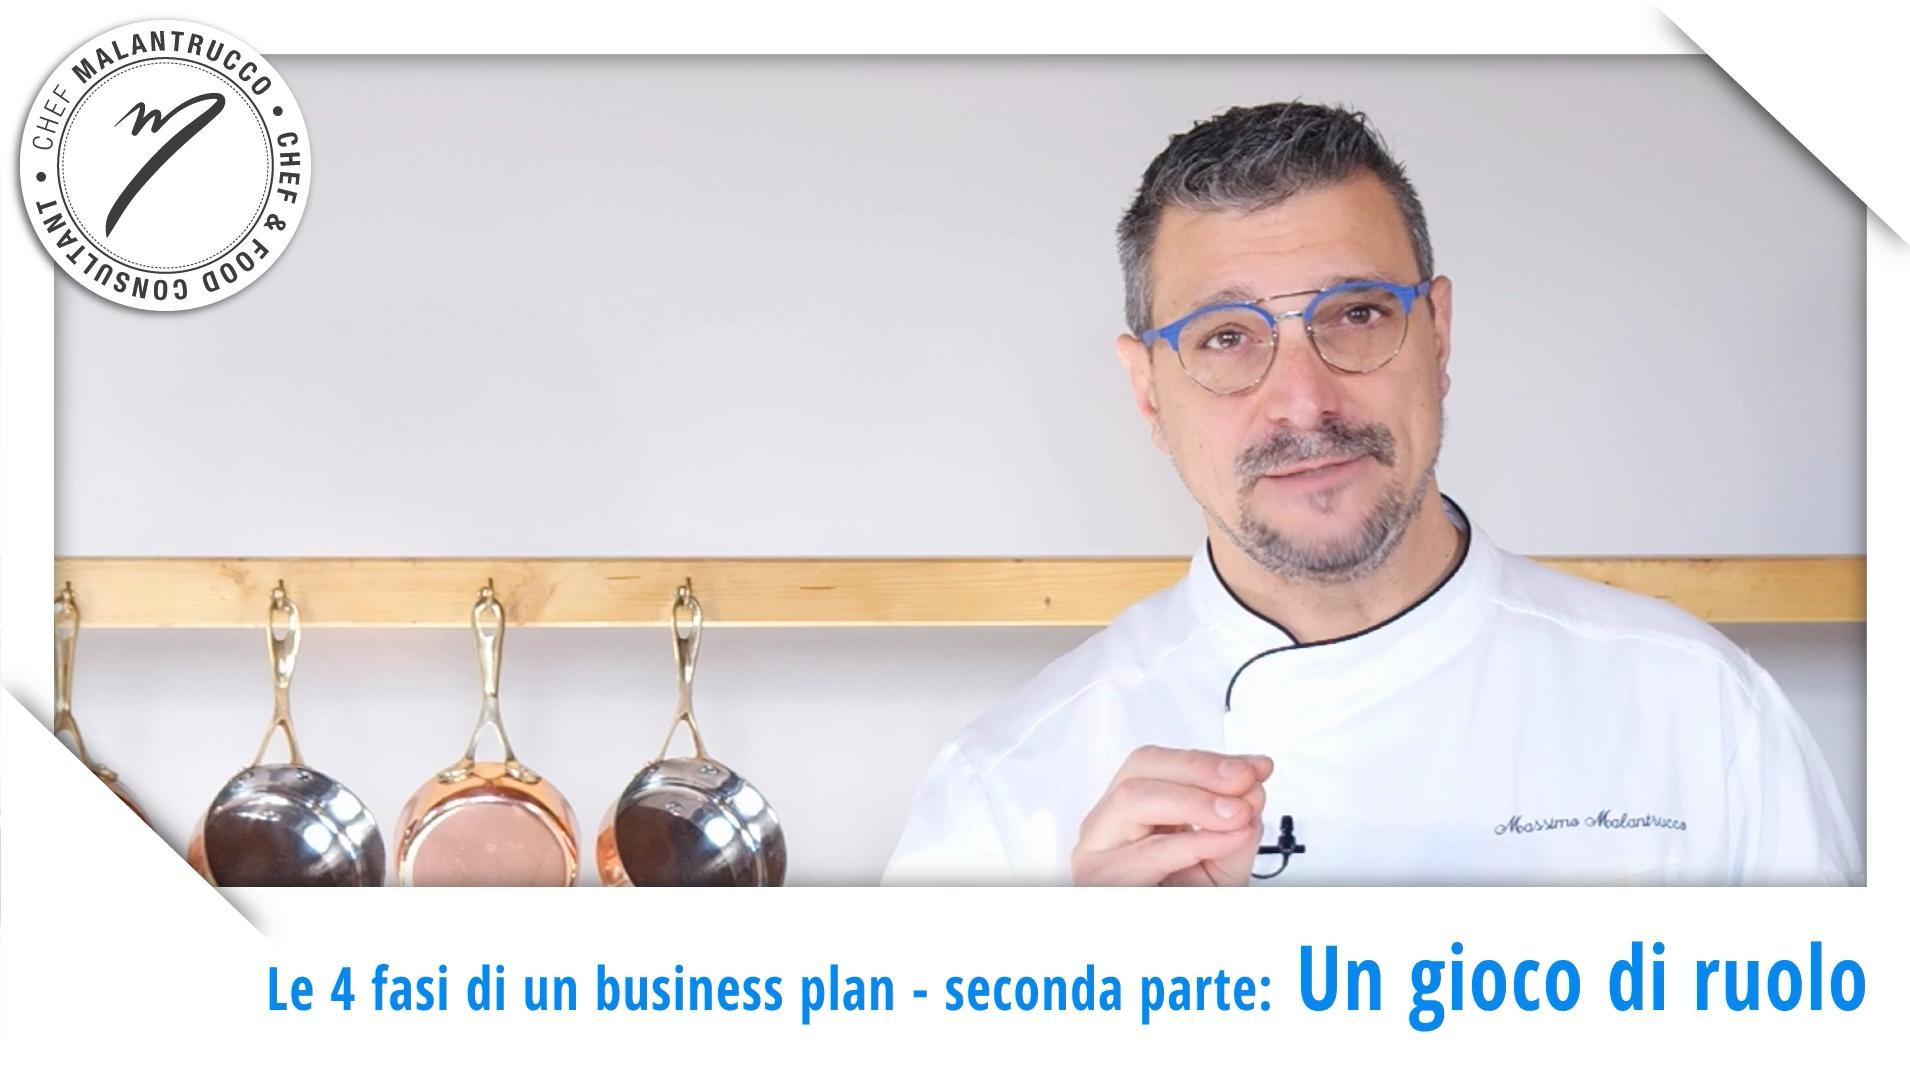 Cucina e Business le 4 fasi di un Business Plan - Un gioco di ruolo